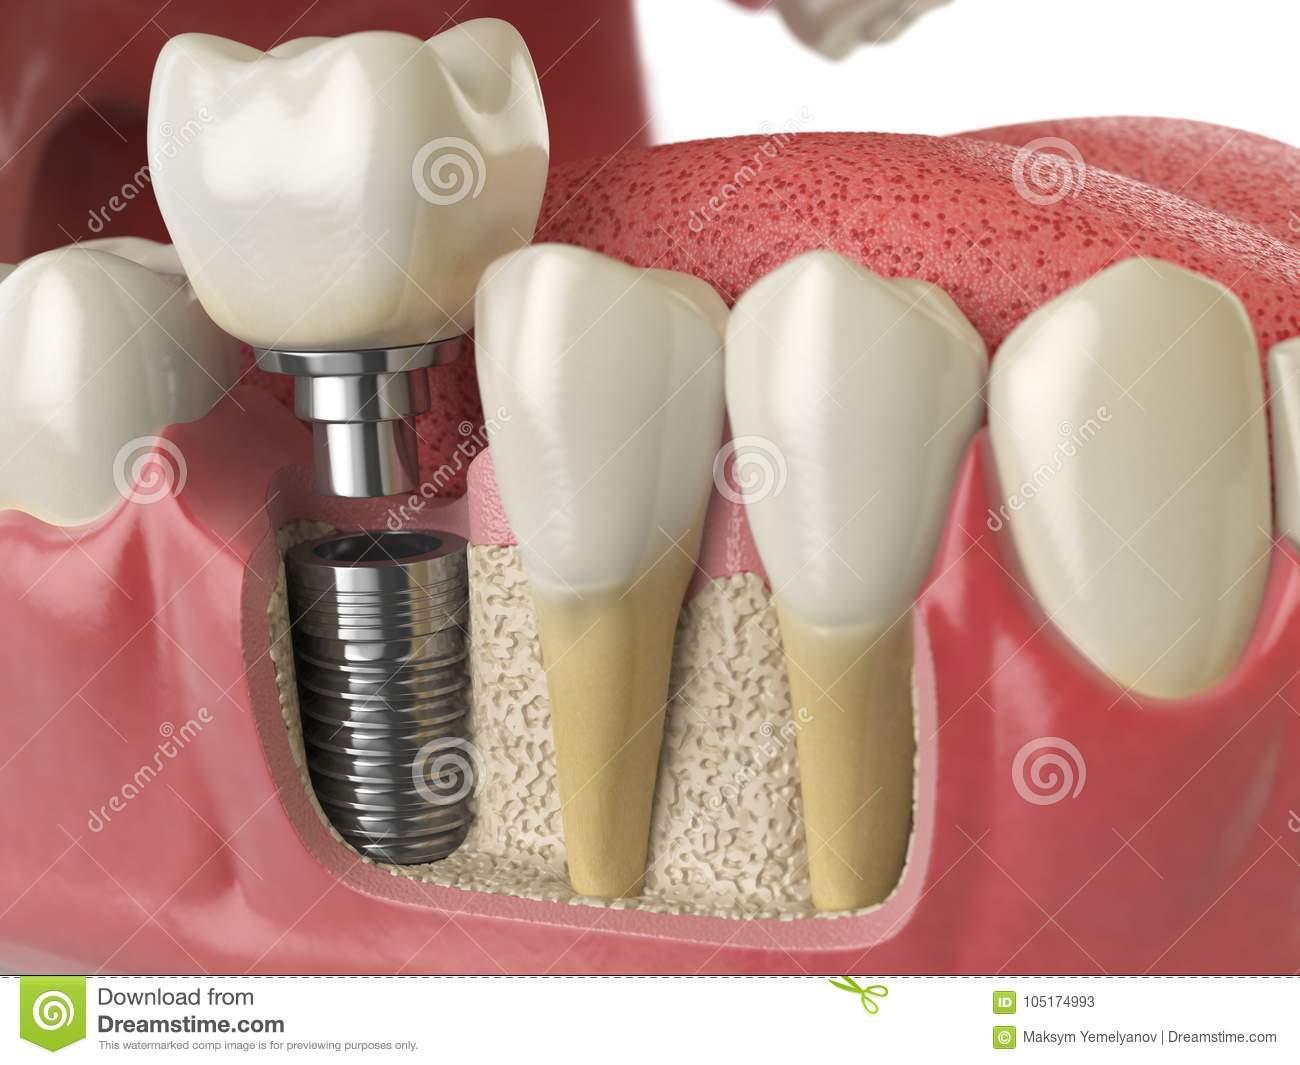 Как правильно пишется и говорится: имплант, имплантант или имплантат